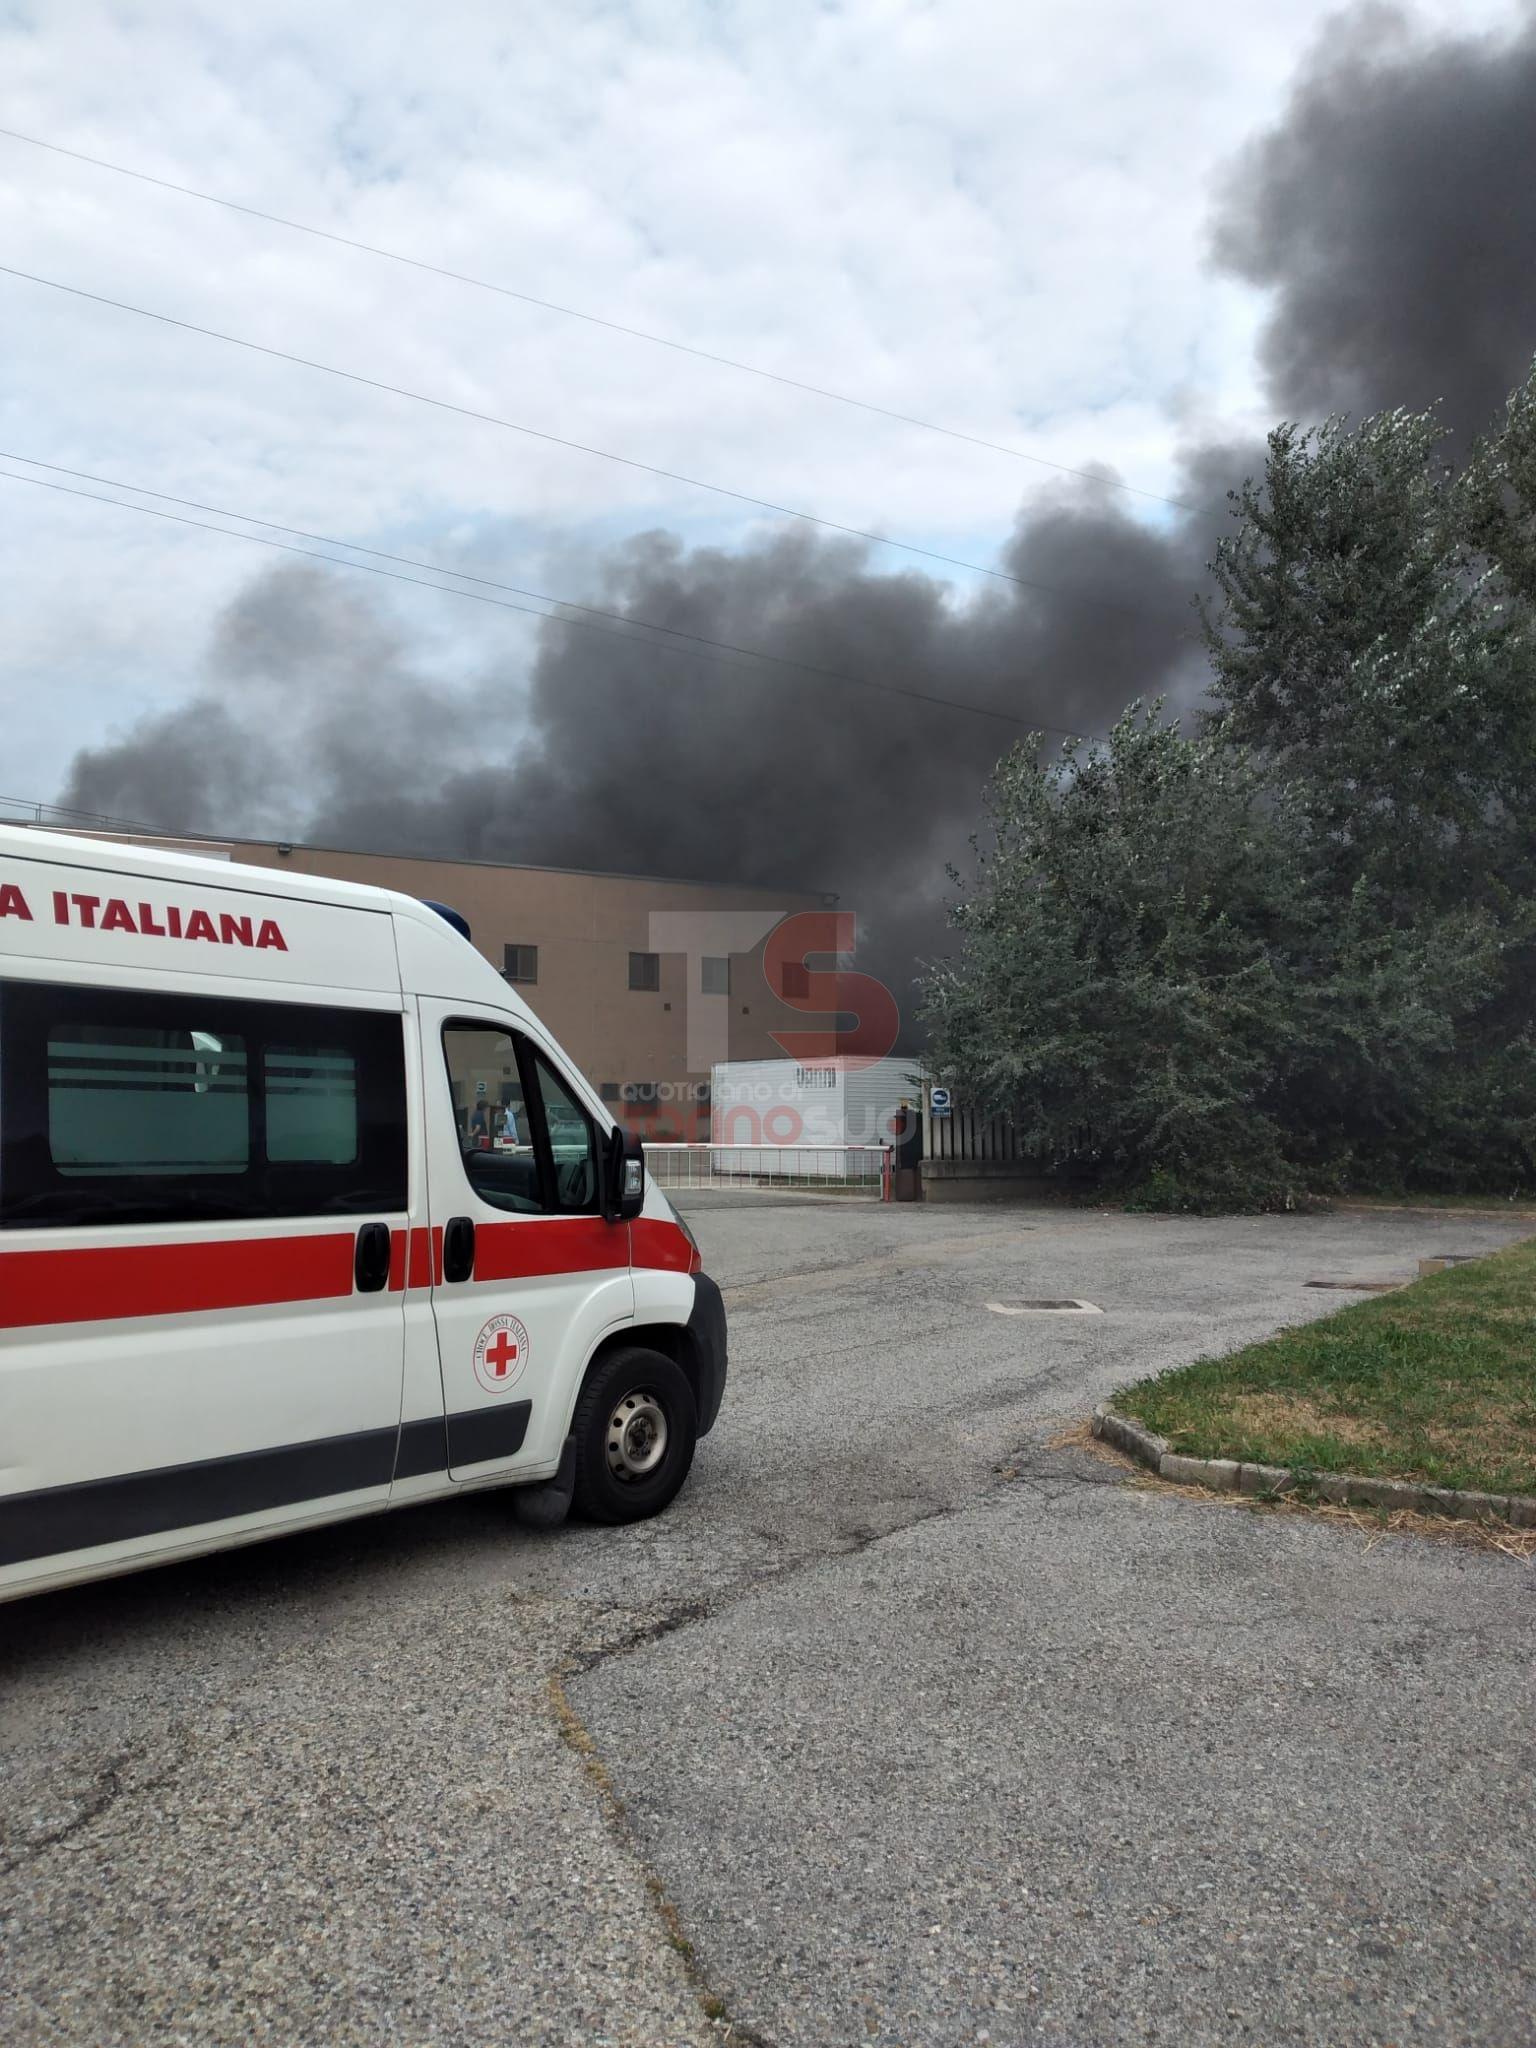 TROFARELLO - Grave incendio all'interno della ditta Csi